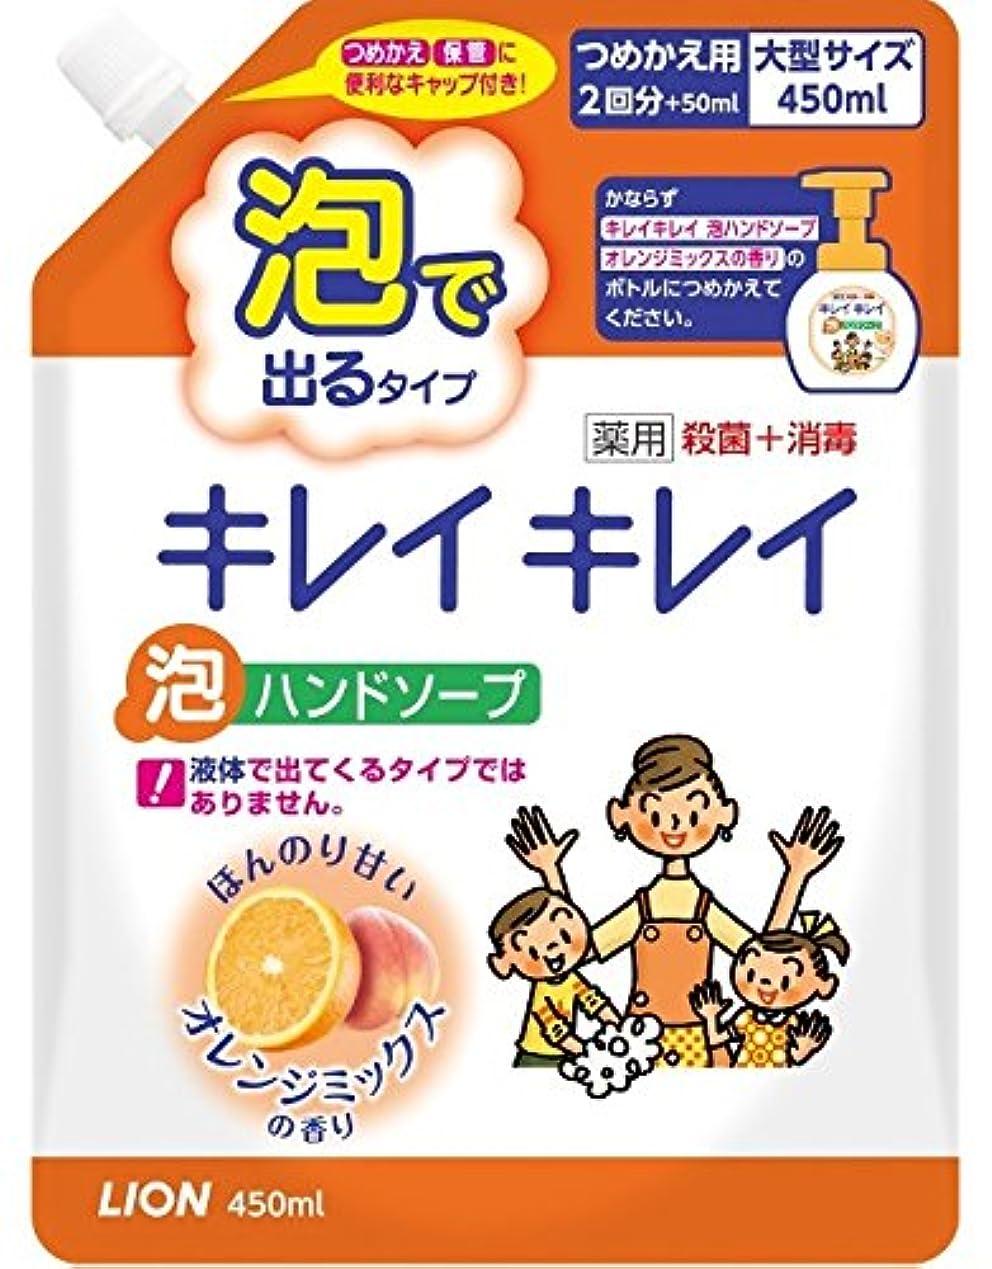 コンドームジャンクションいらいらさせるキレイキレイ薬用泡ハンドソープオレンジミックスの香りつめかえ用大型サイズ450mL